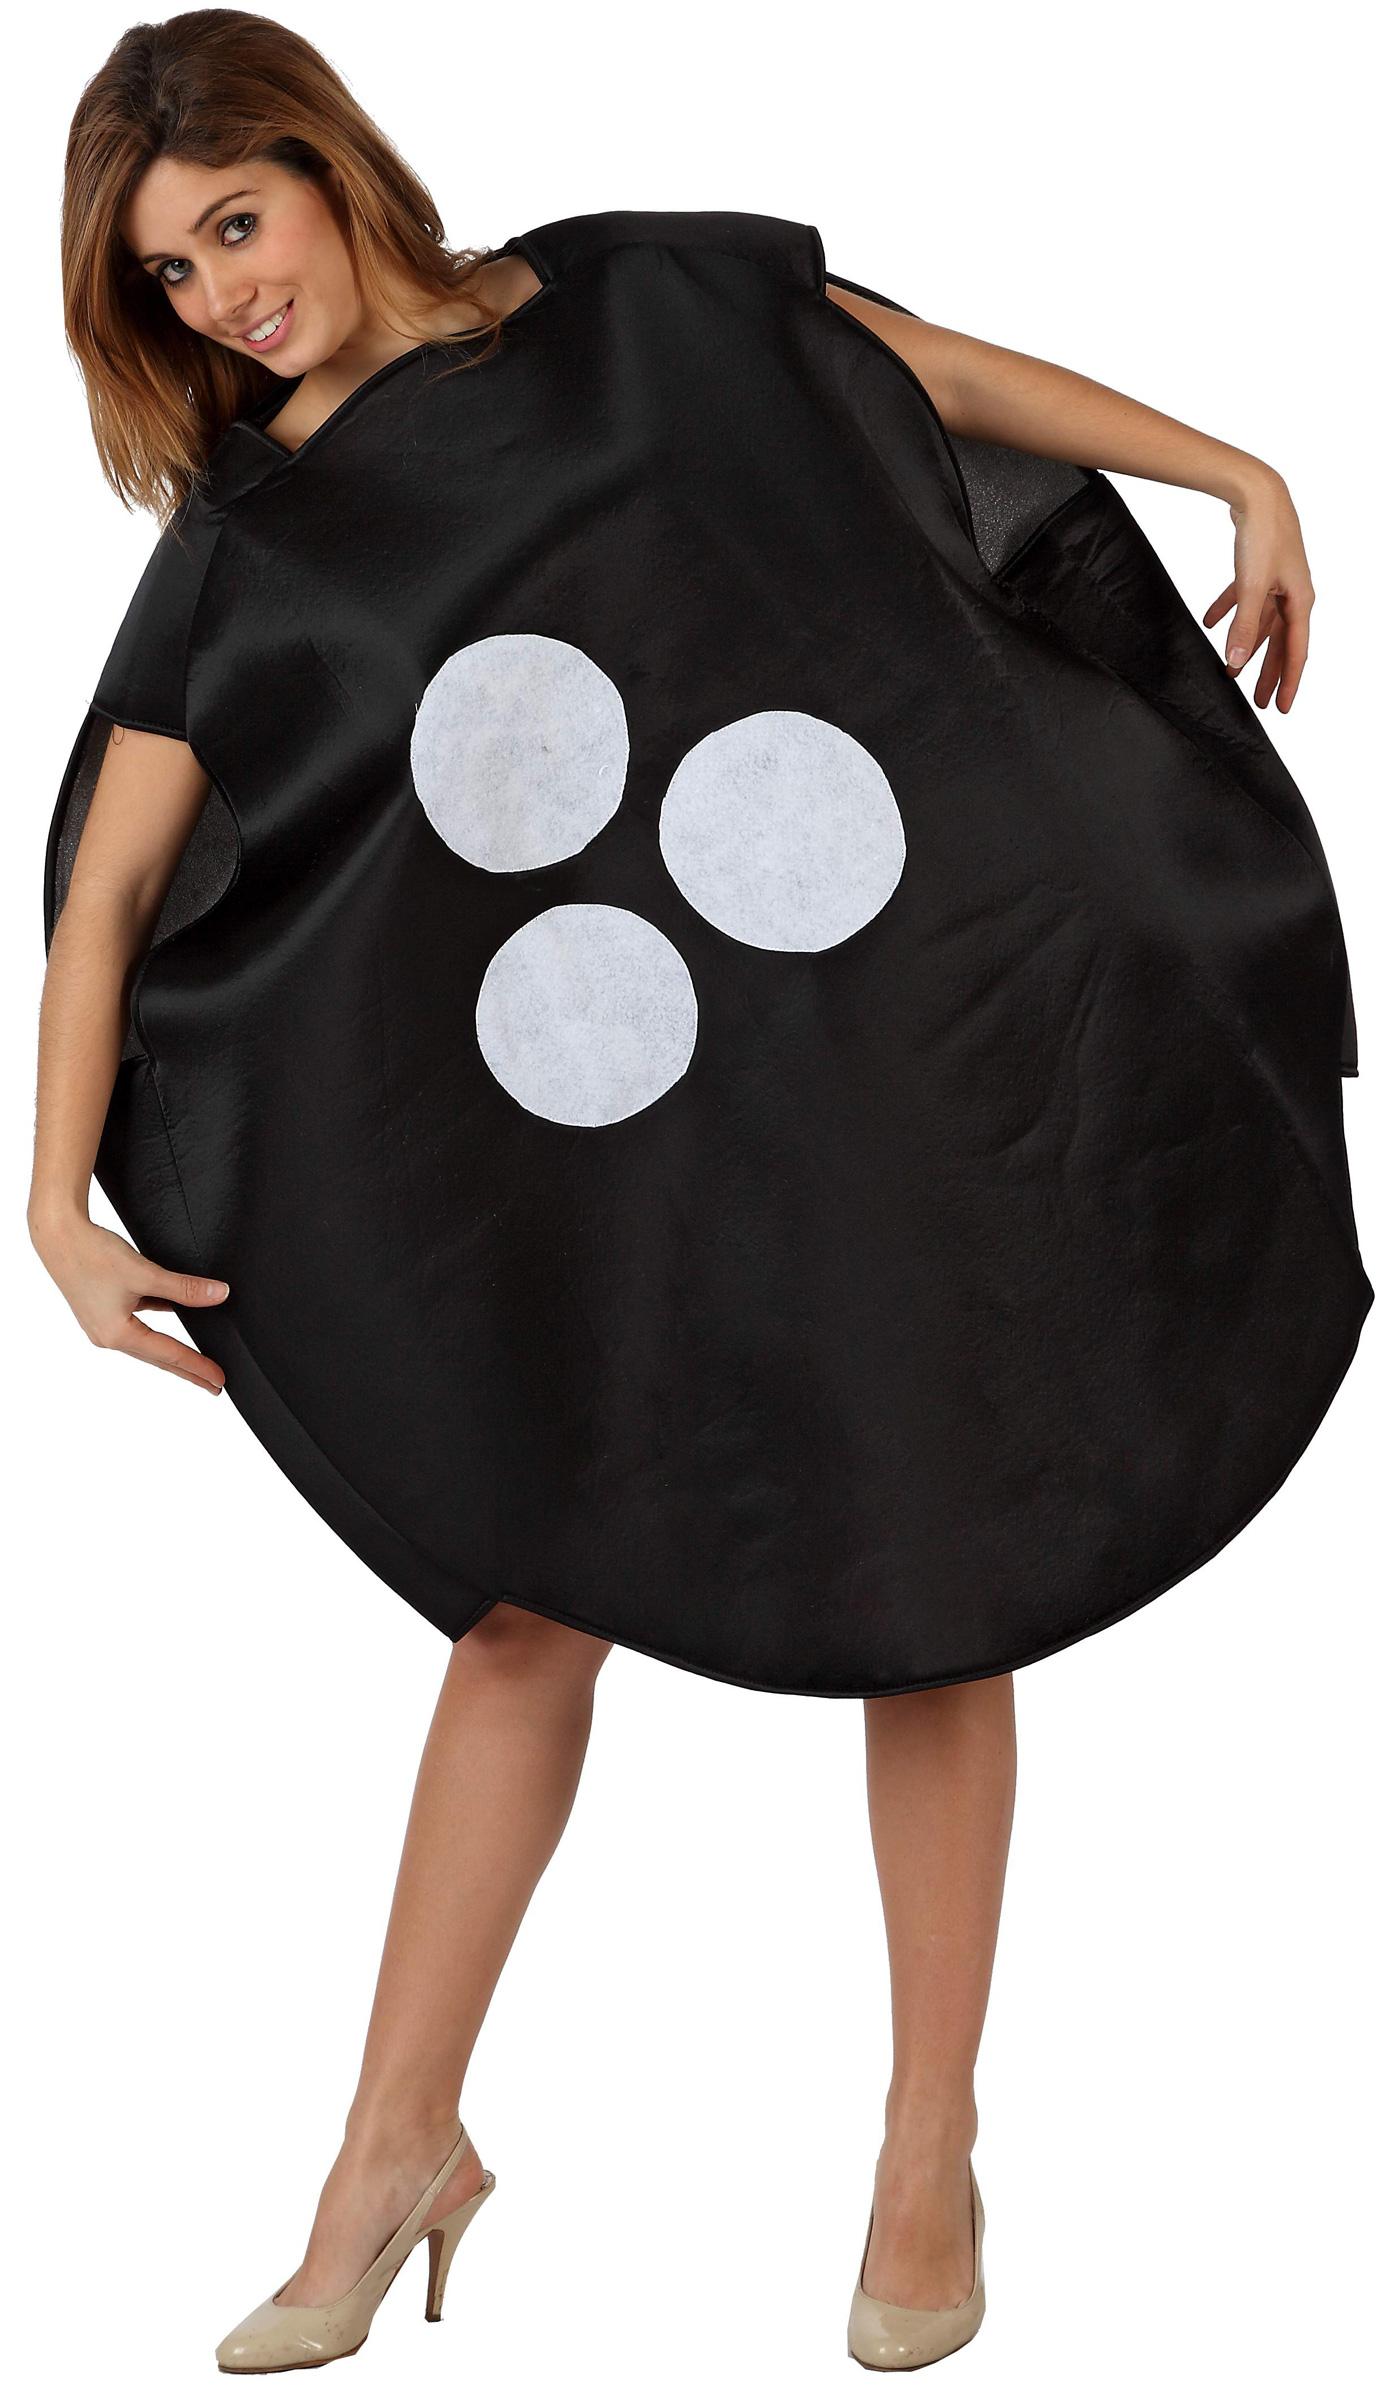 deguisement boule de bowling